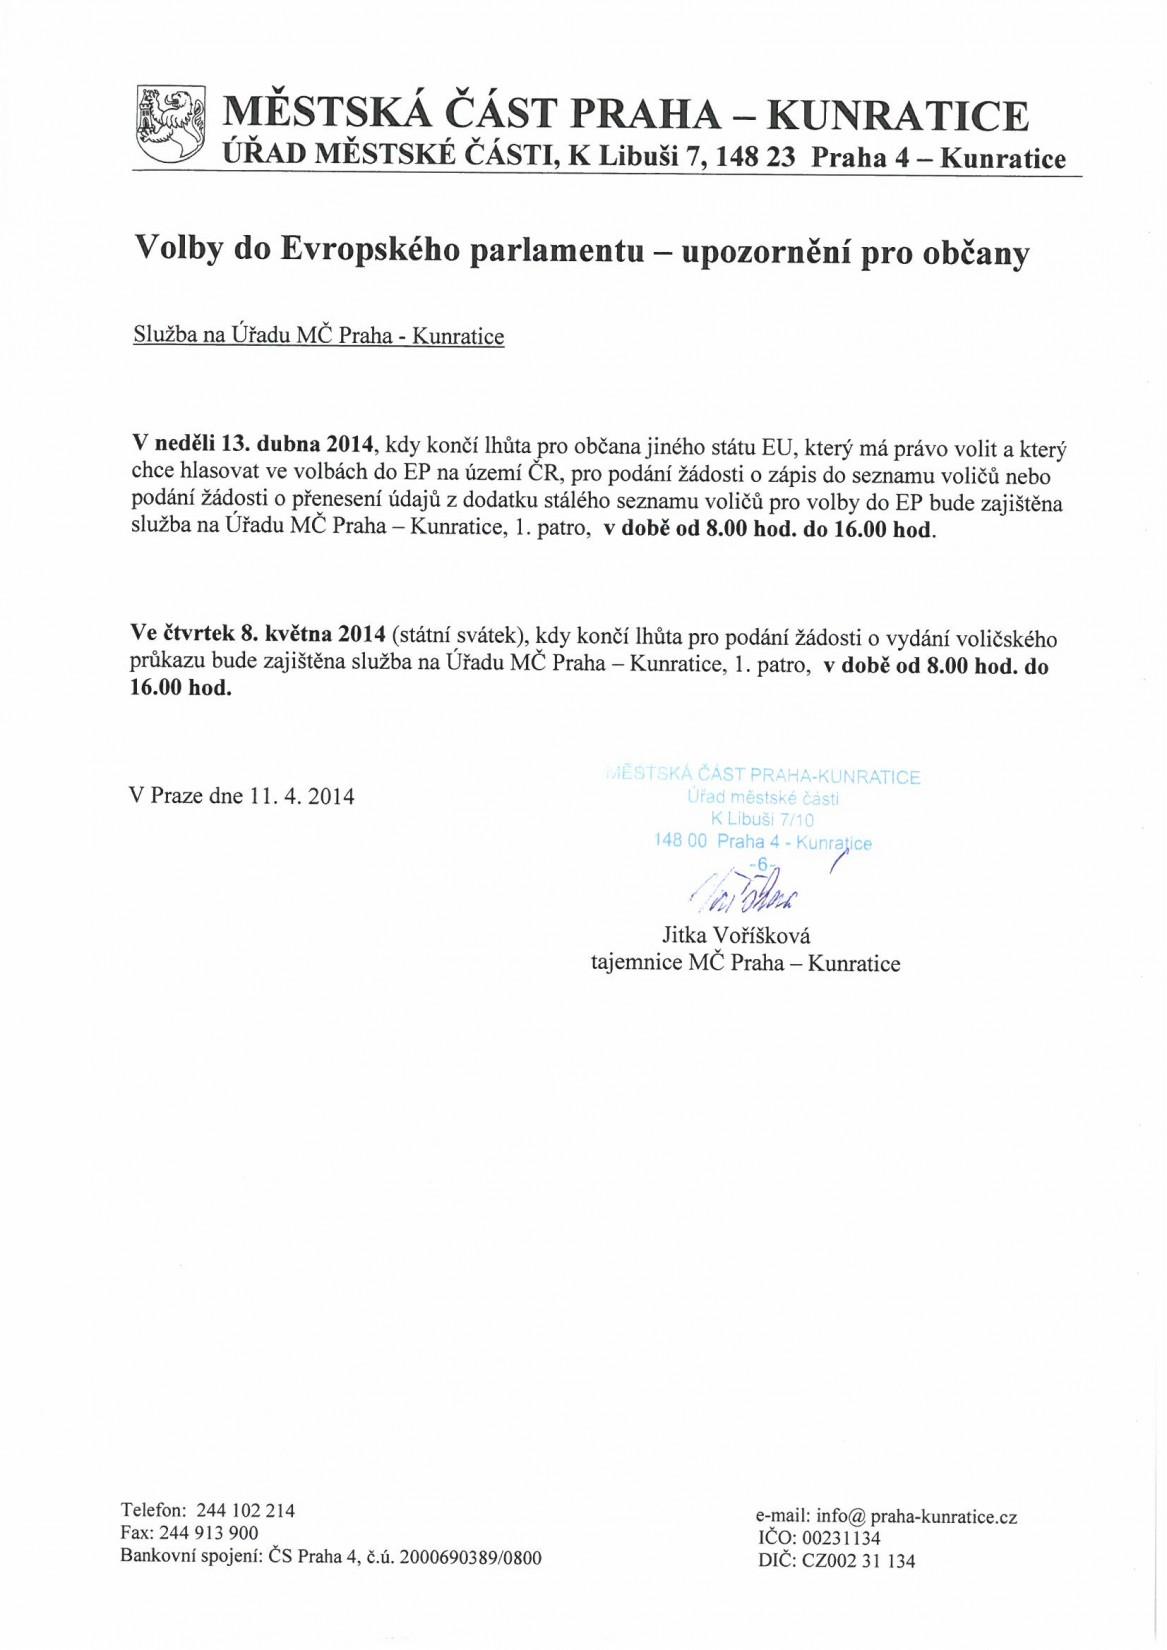 Služby na Úřadu MČ Praha-Kunratice pro volby do EP dne 13.4.2014 a 8.5.2014